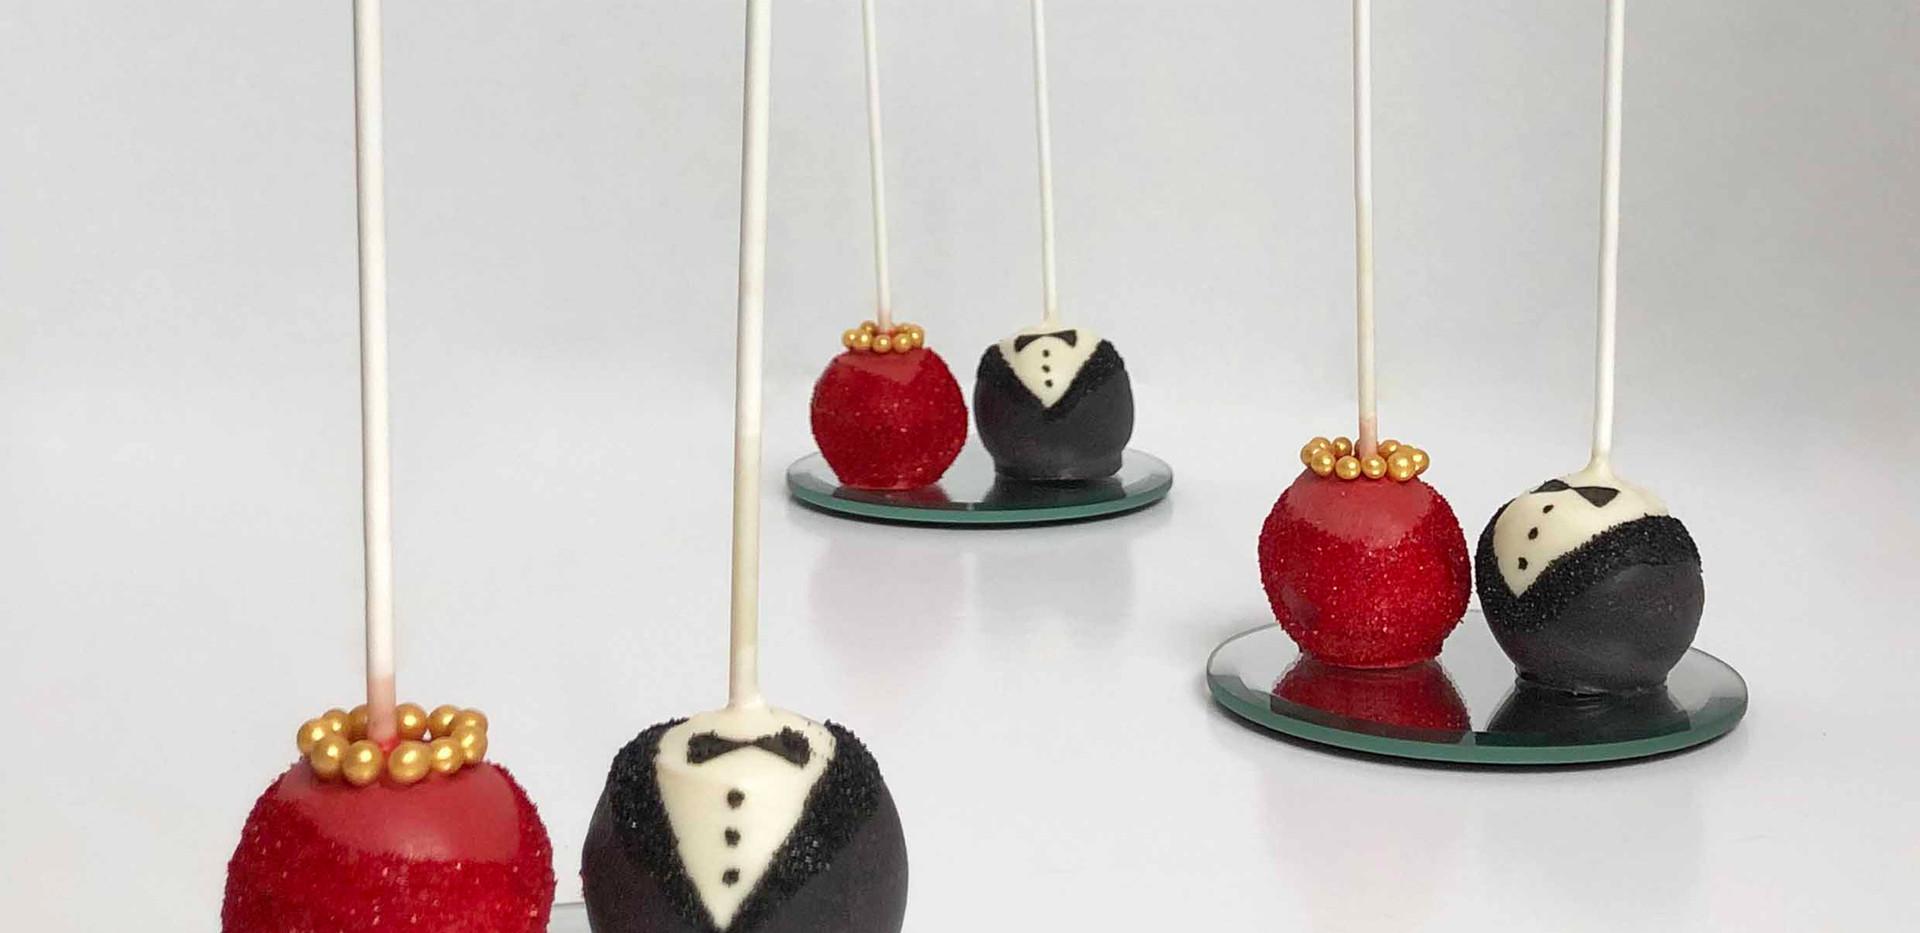 Desi Bride & Groom Pops Image 1 with Log